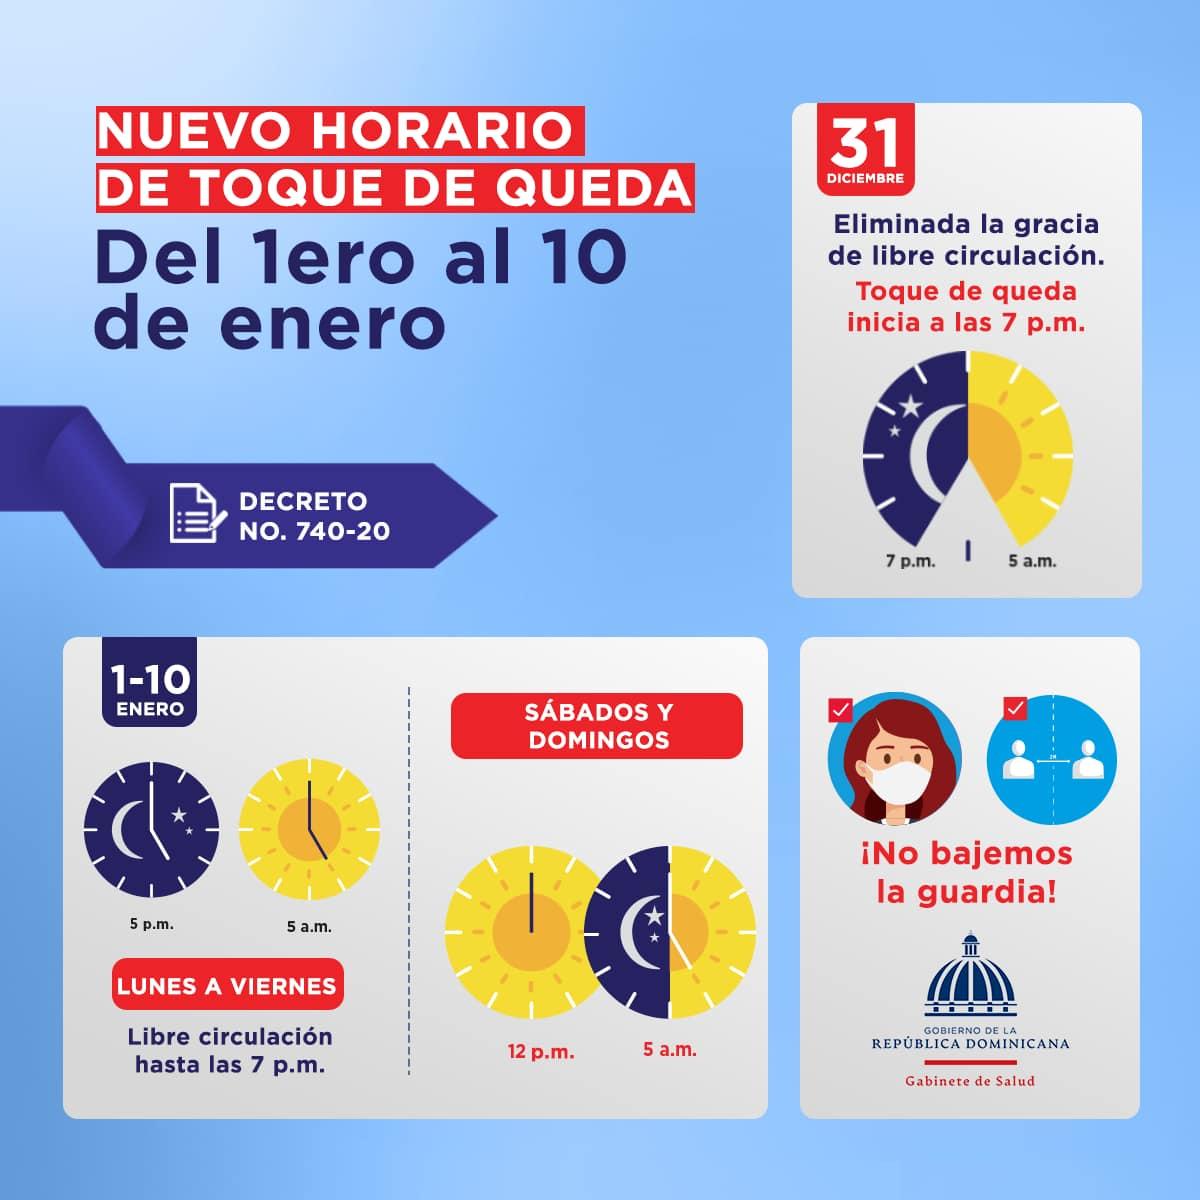 Las nuevas medidas del Gobierno dominicano ante el aumento exponencial de la pandemia